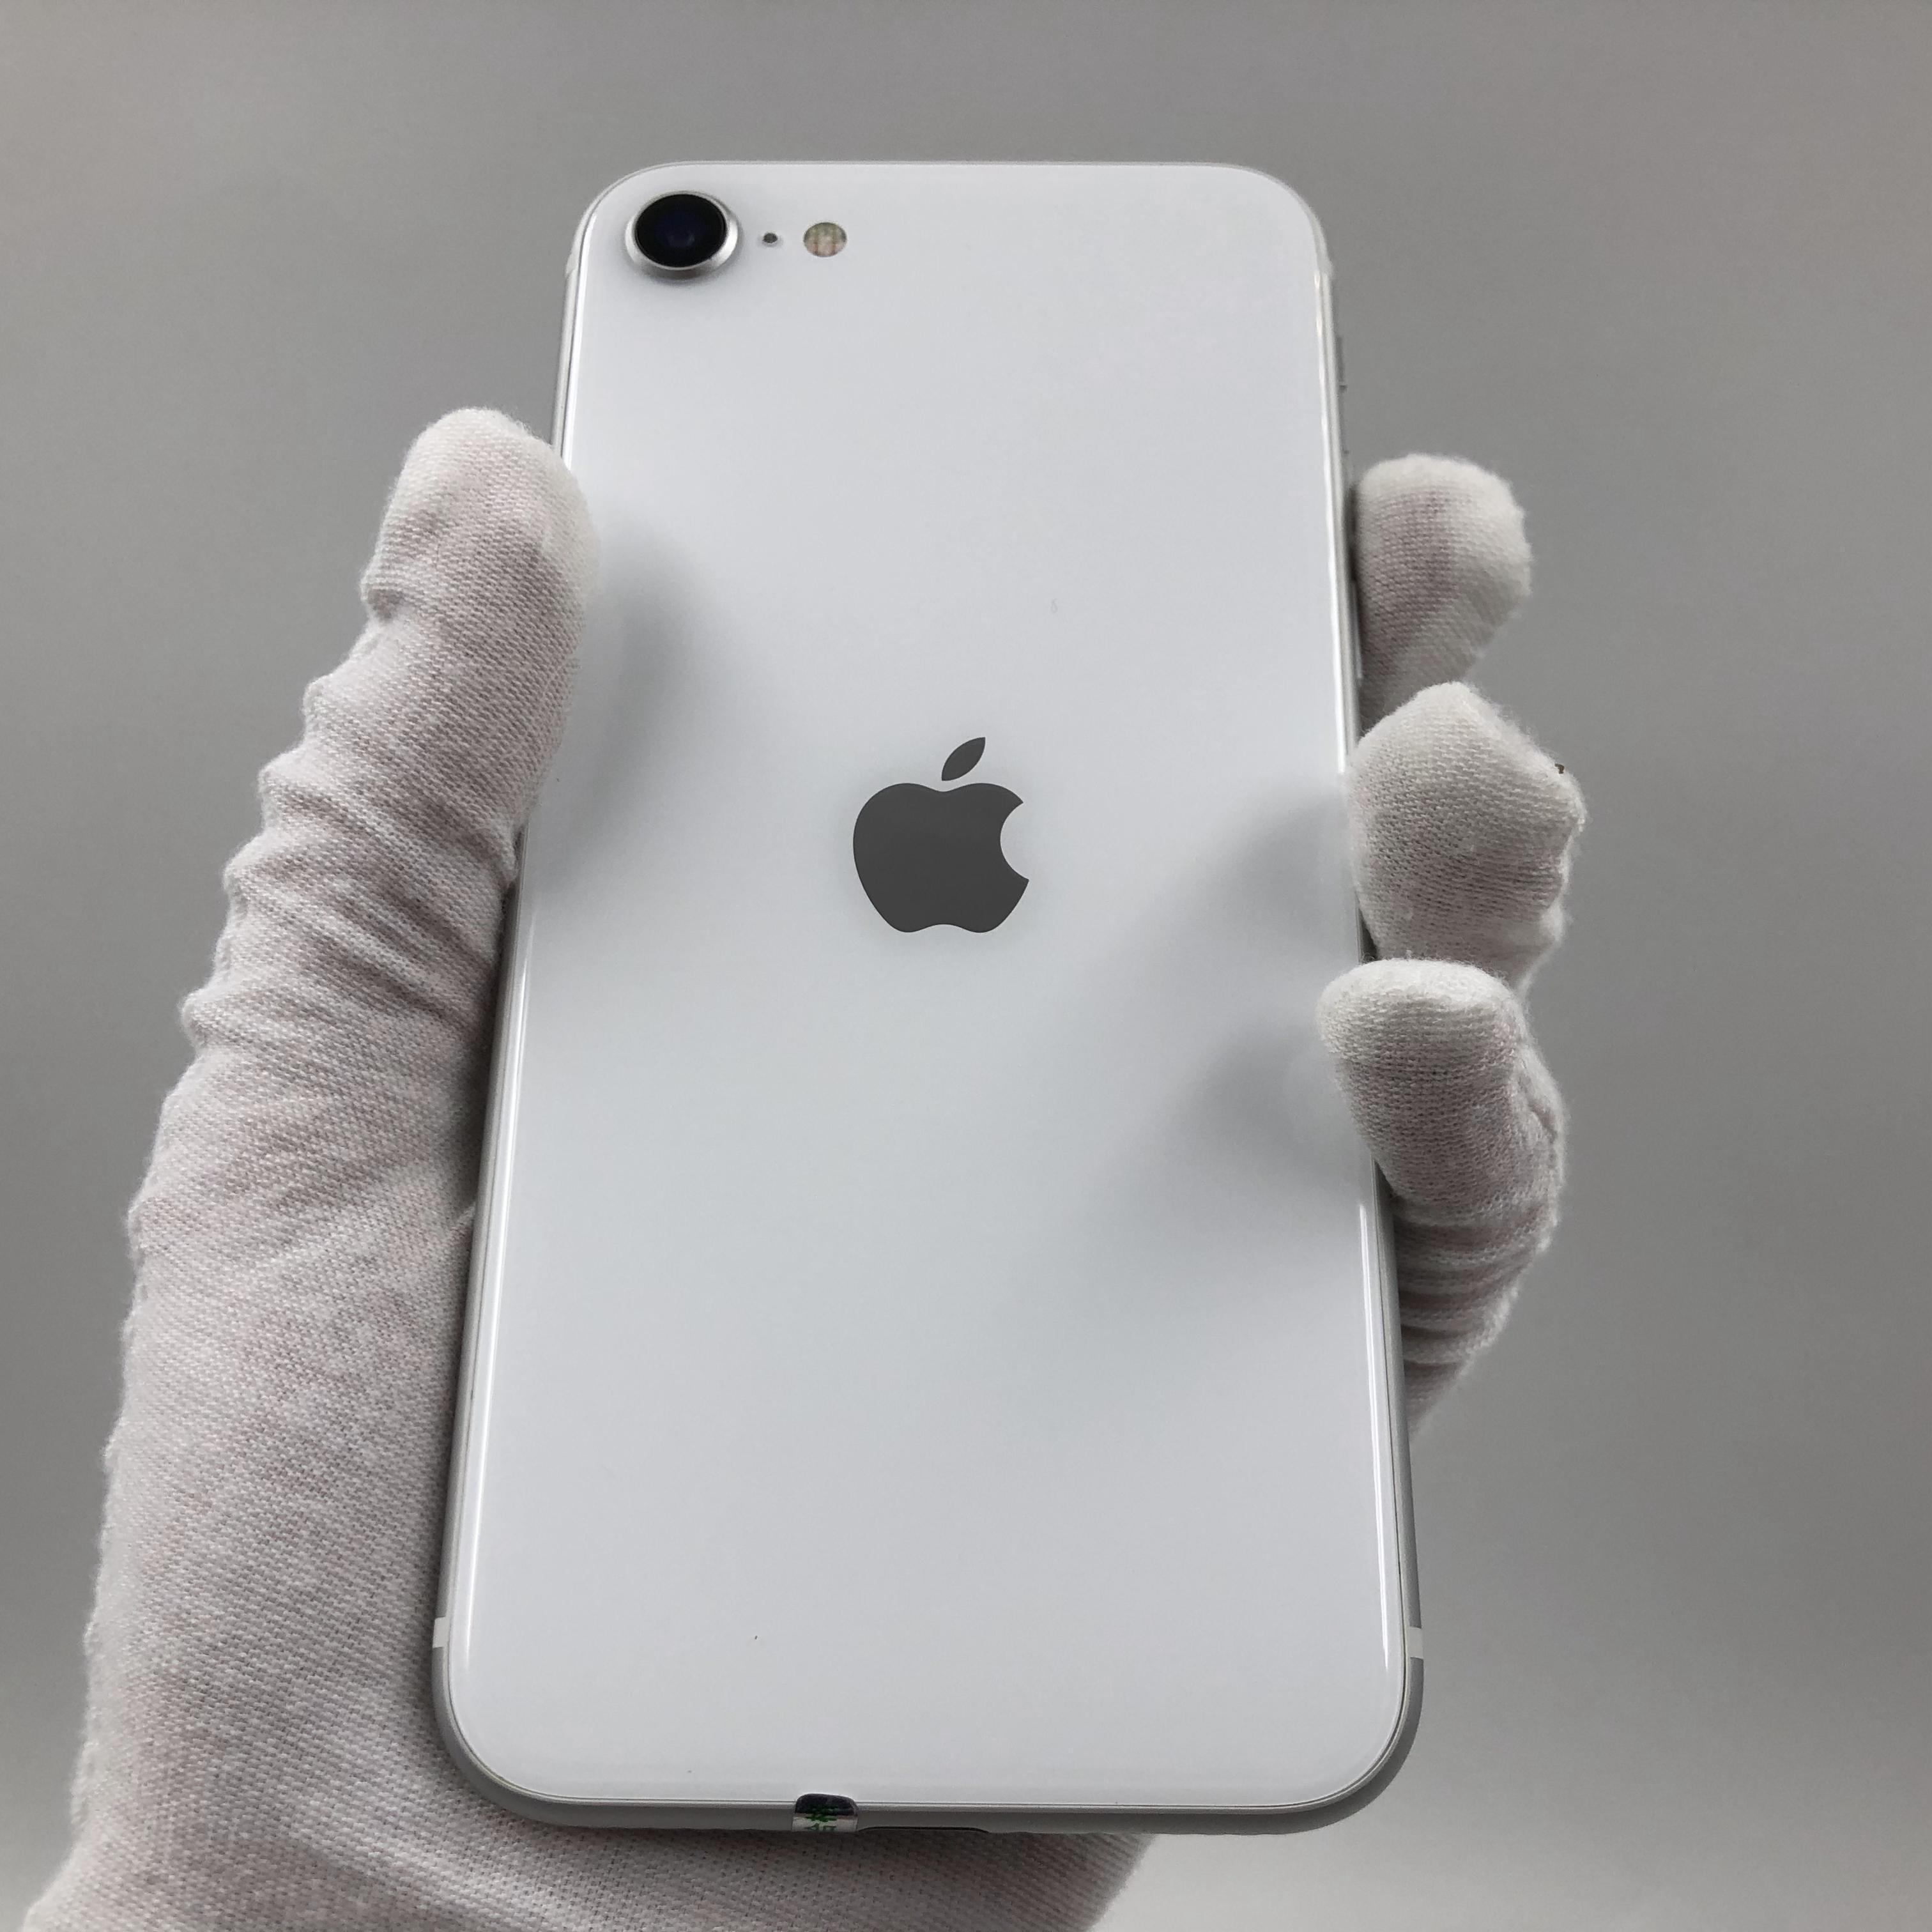 苹果【iPhone SE2】4G全网通 白色 128G 国行 99新 真机实拍保修2021-07-15